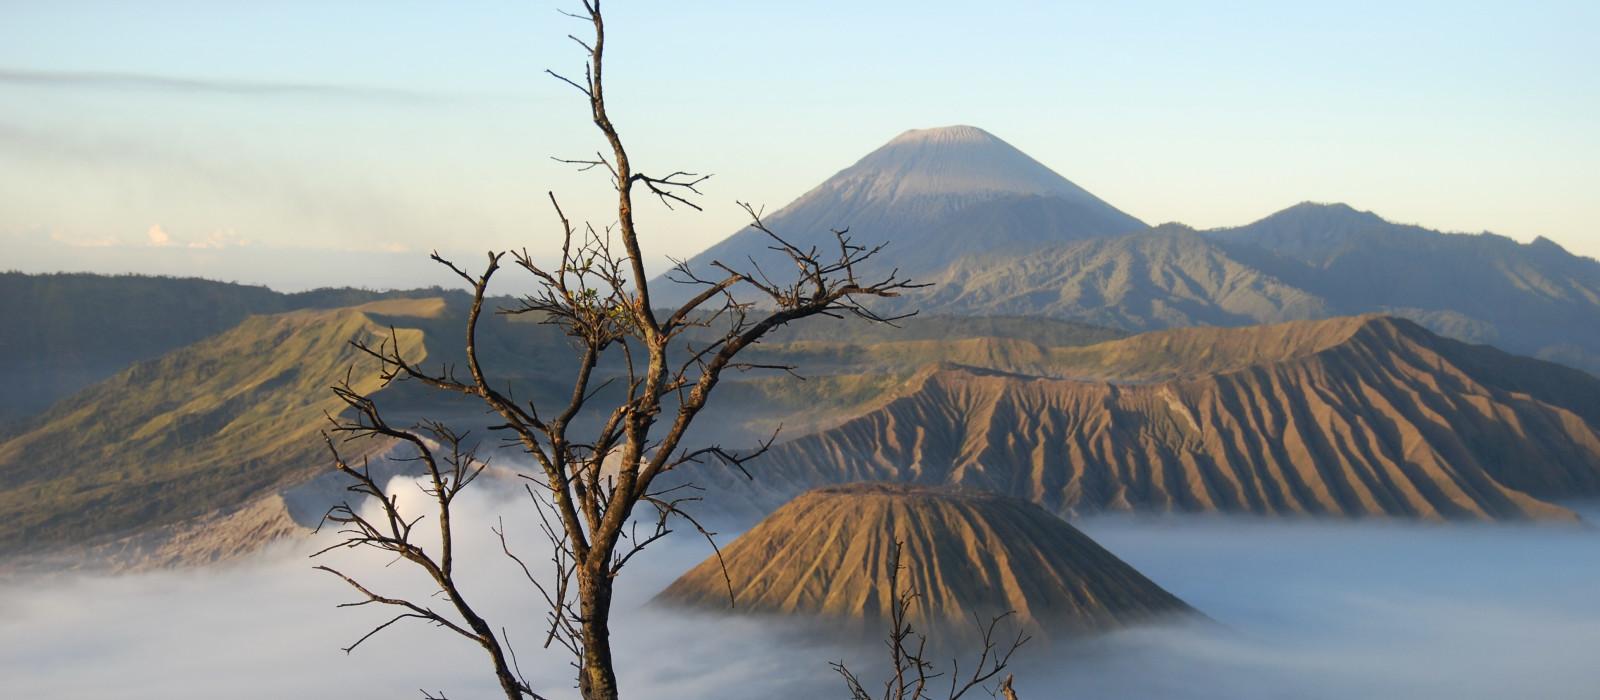 Destination Mt Bromo Indonesia